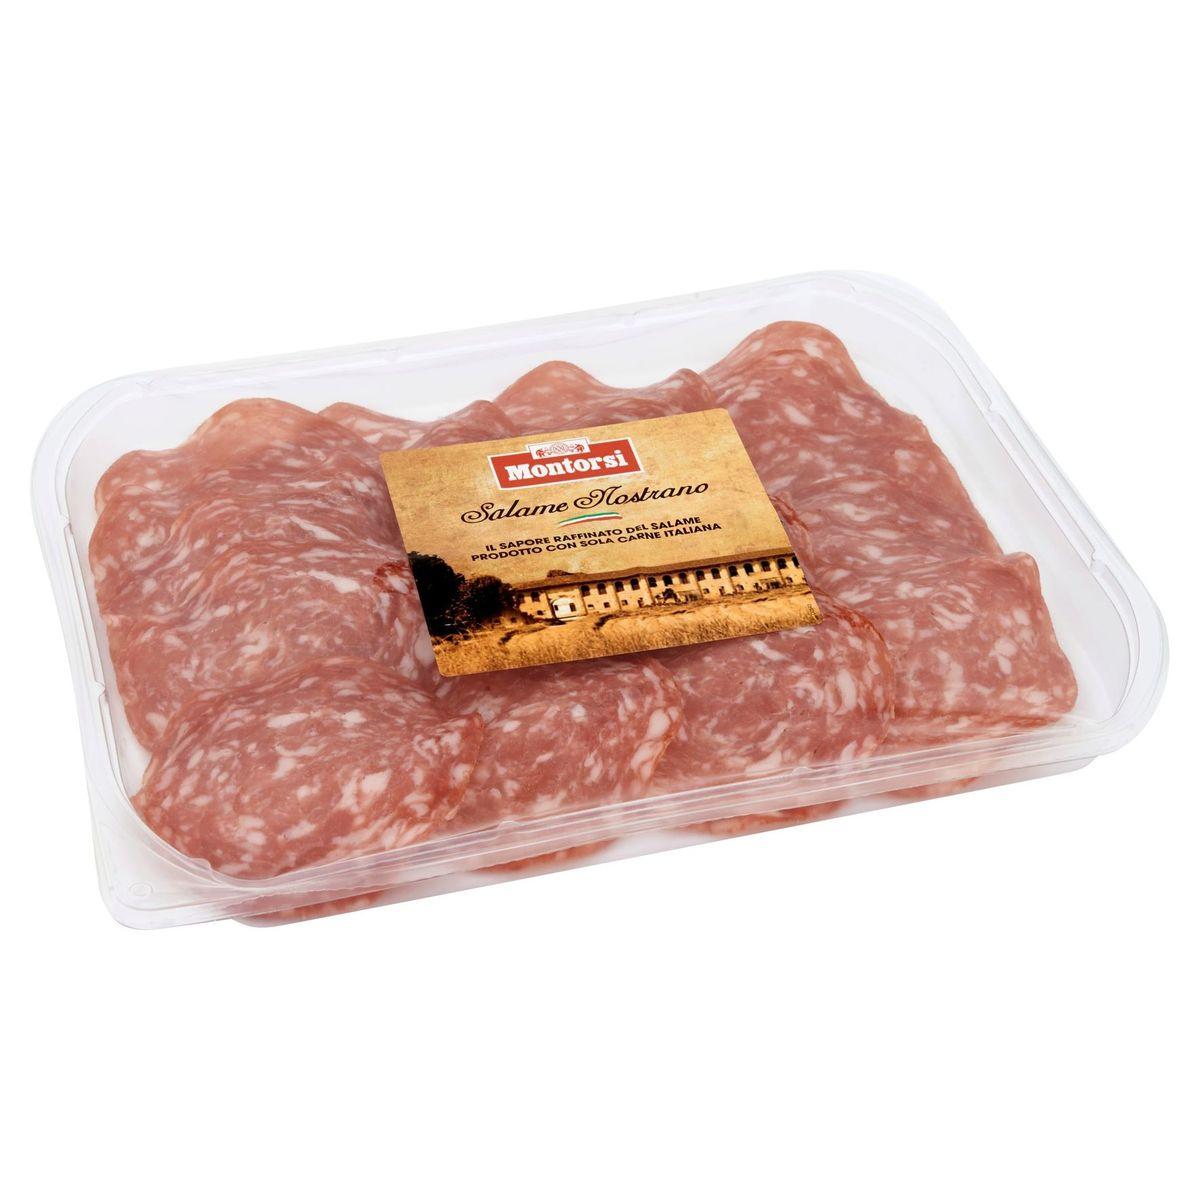 Montorsi Premium Salami Nostrano 120 g